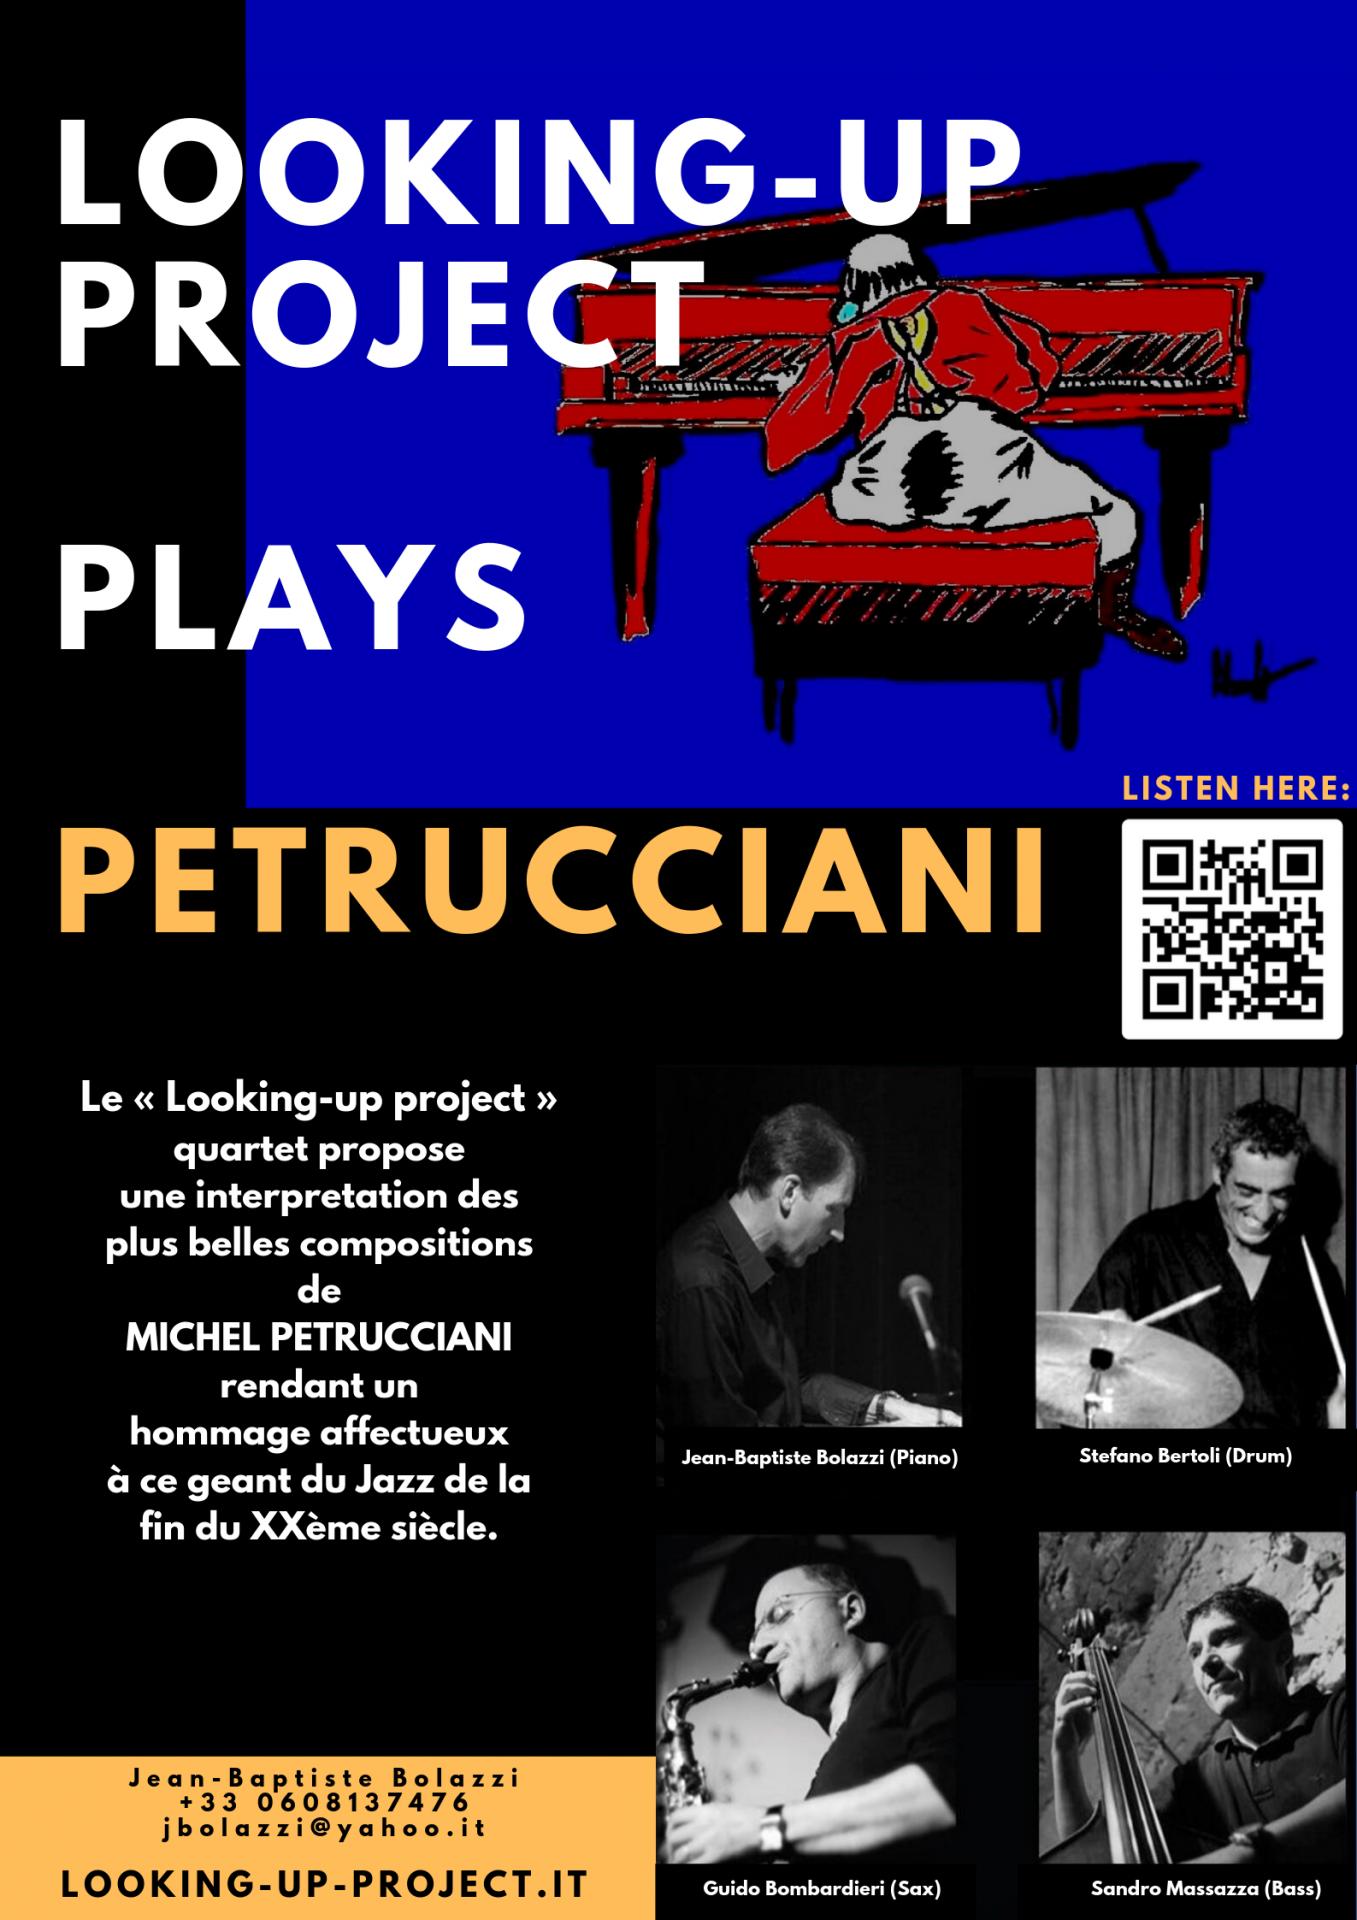 Affiche hommage petrucciani francais sept 2019